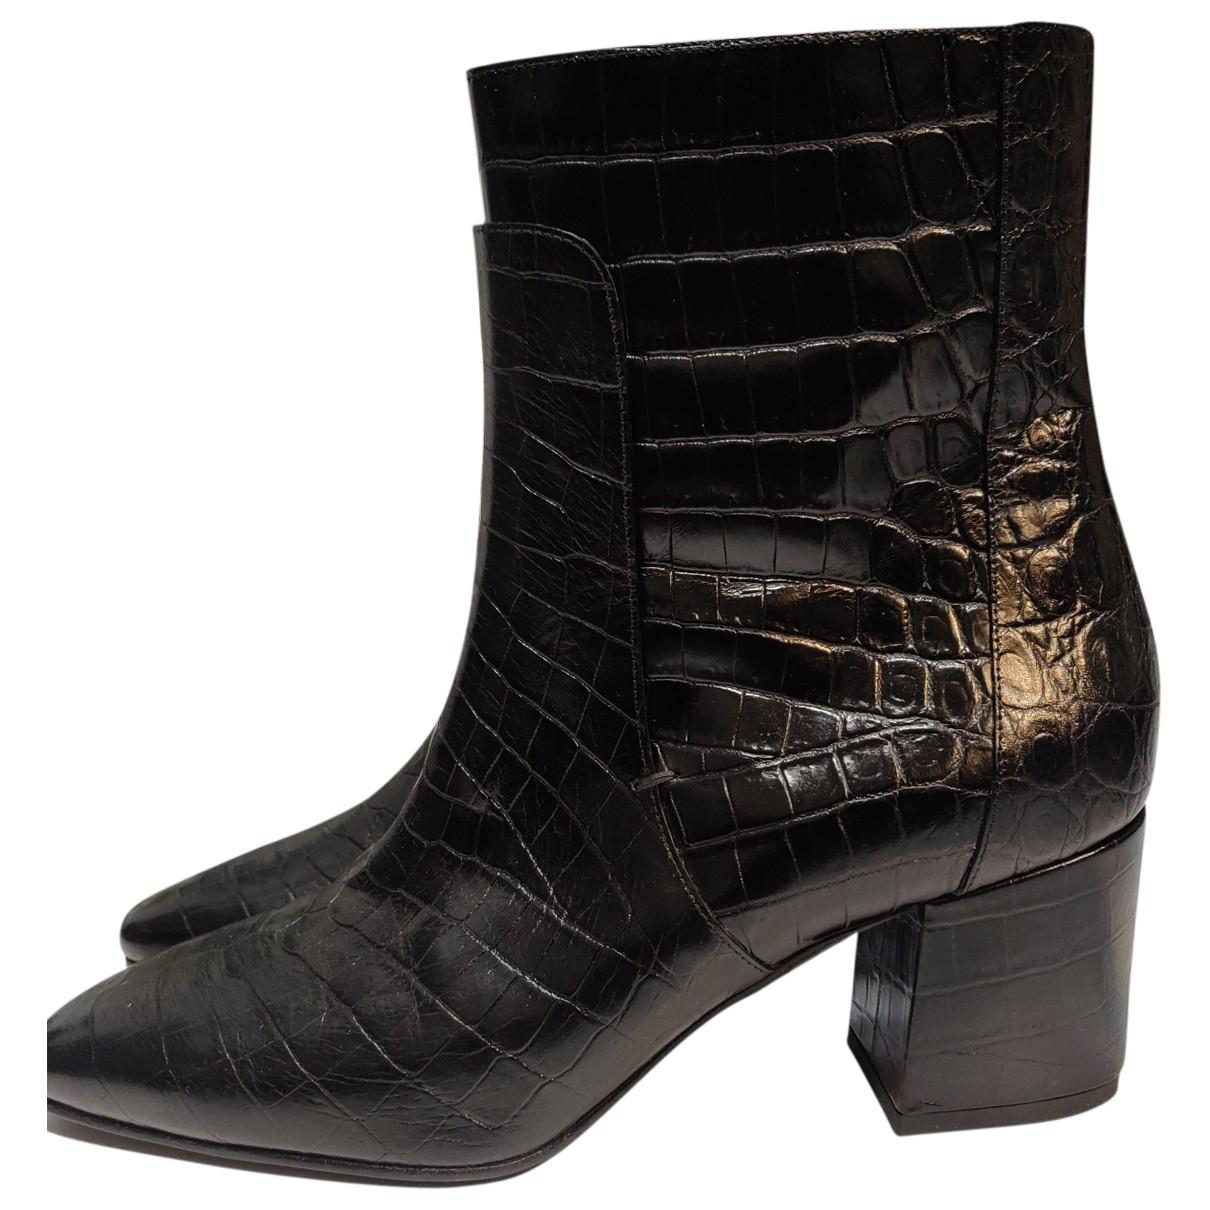 Givenchy \N Stiefeletten in  Schwarz Krokodil